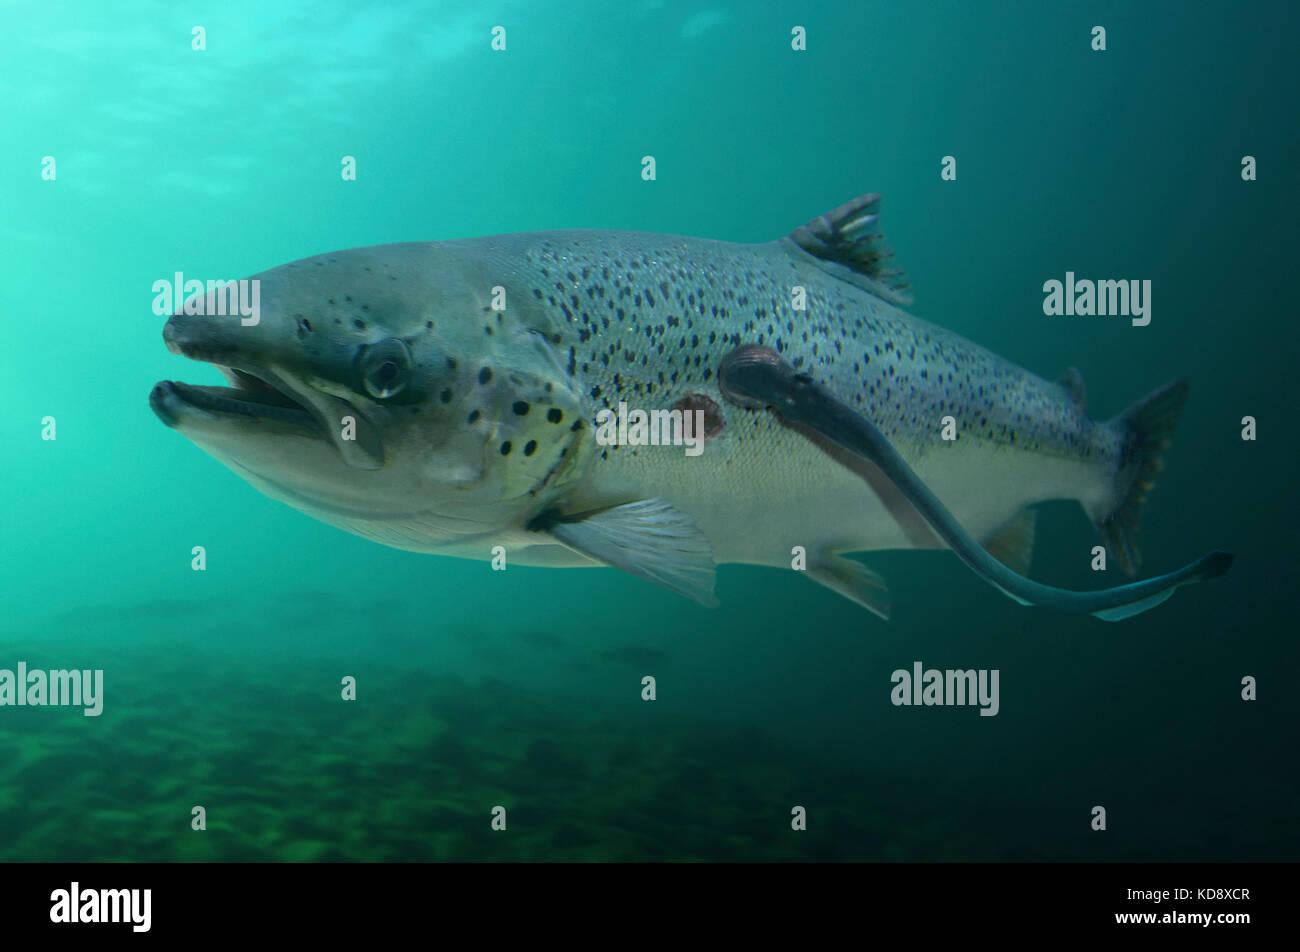 Mar joven lamprey, Petromyzon marinus, parasitando a gran Salmón Salmo salar. nota otra marca circular de boca Imagen De Stock